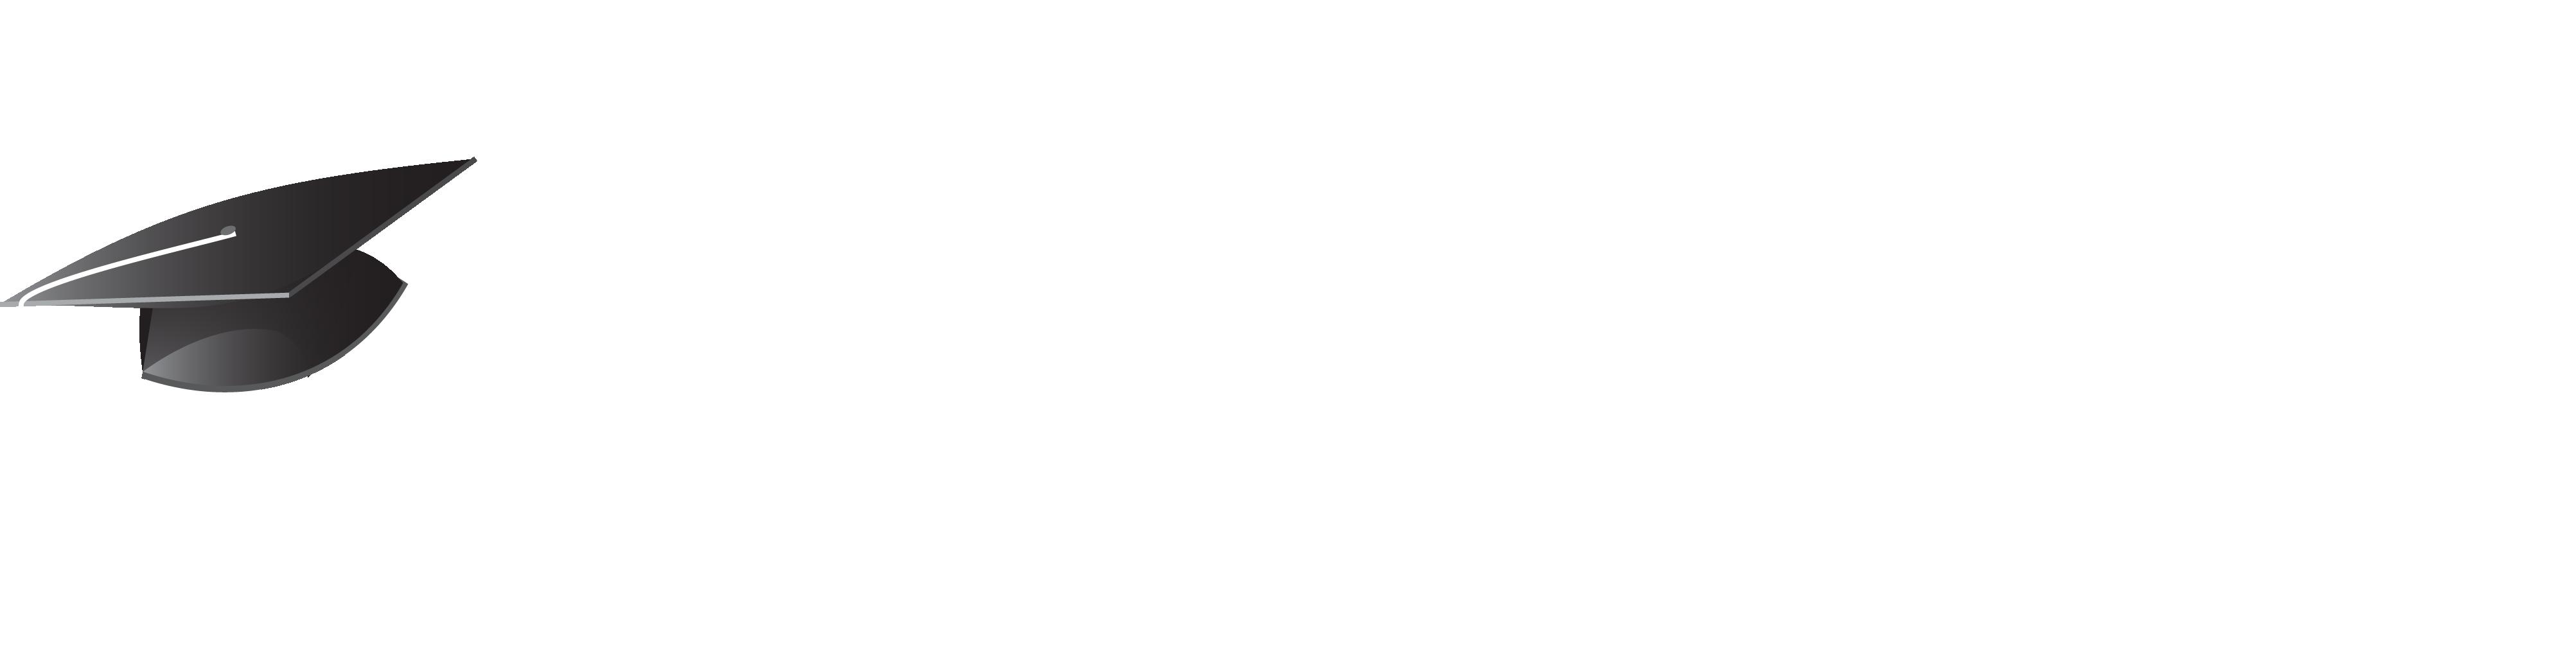 Image result for moodle logo black background